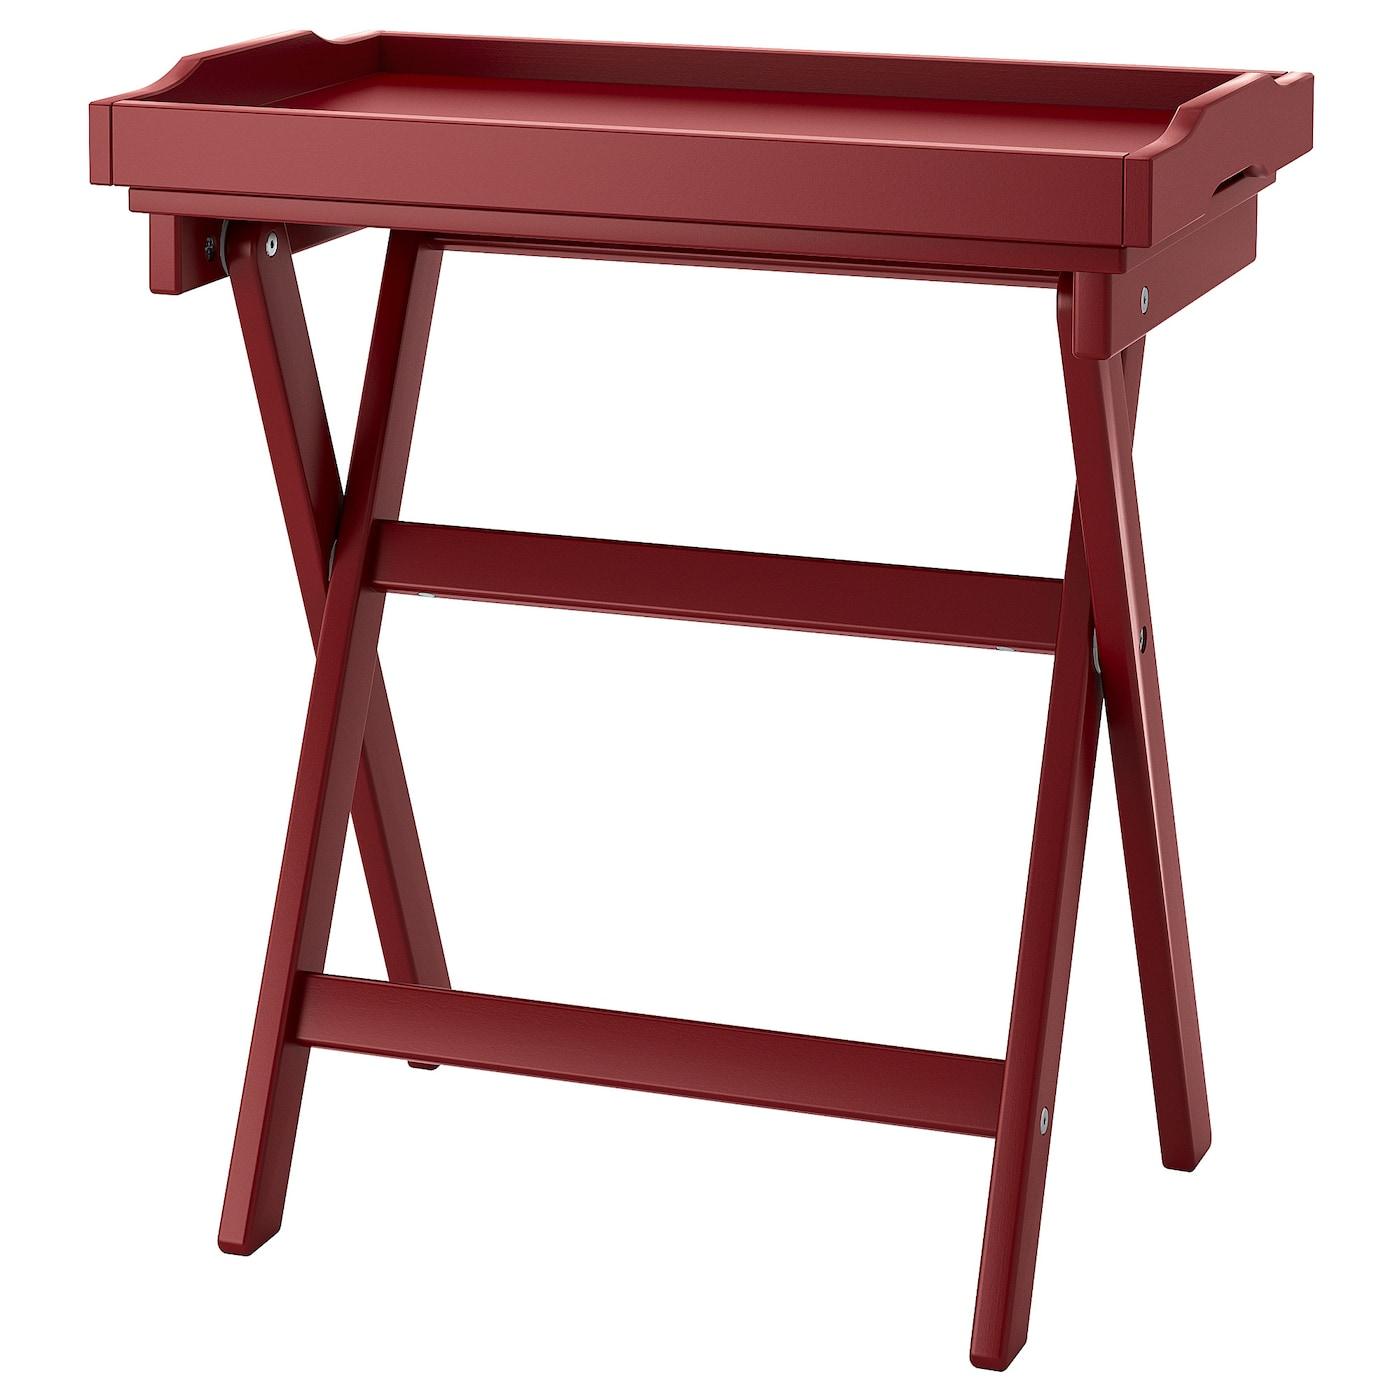 Beistelltisch Blumenhocker Telefontisch 3er Set Palisander Holz Möbel Palison